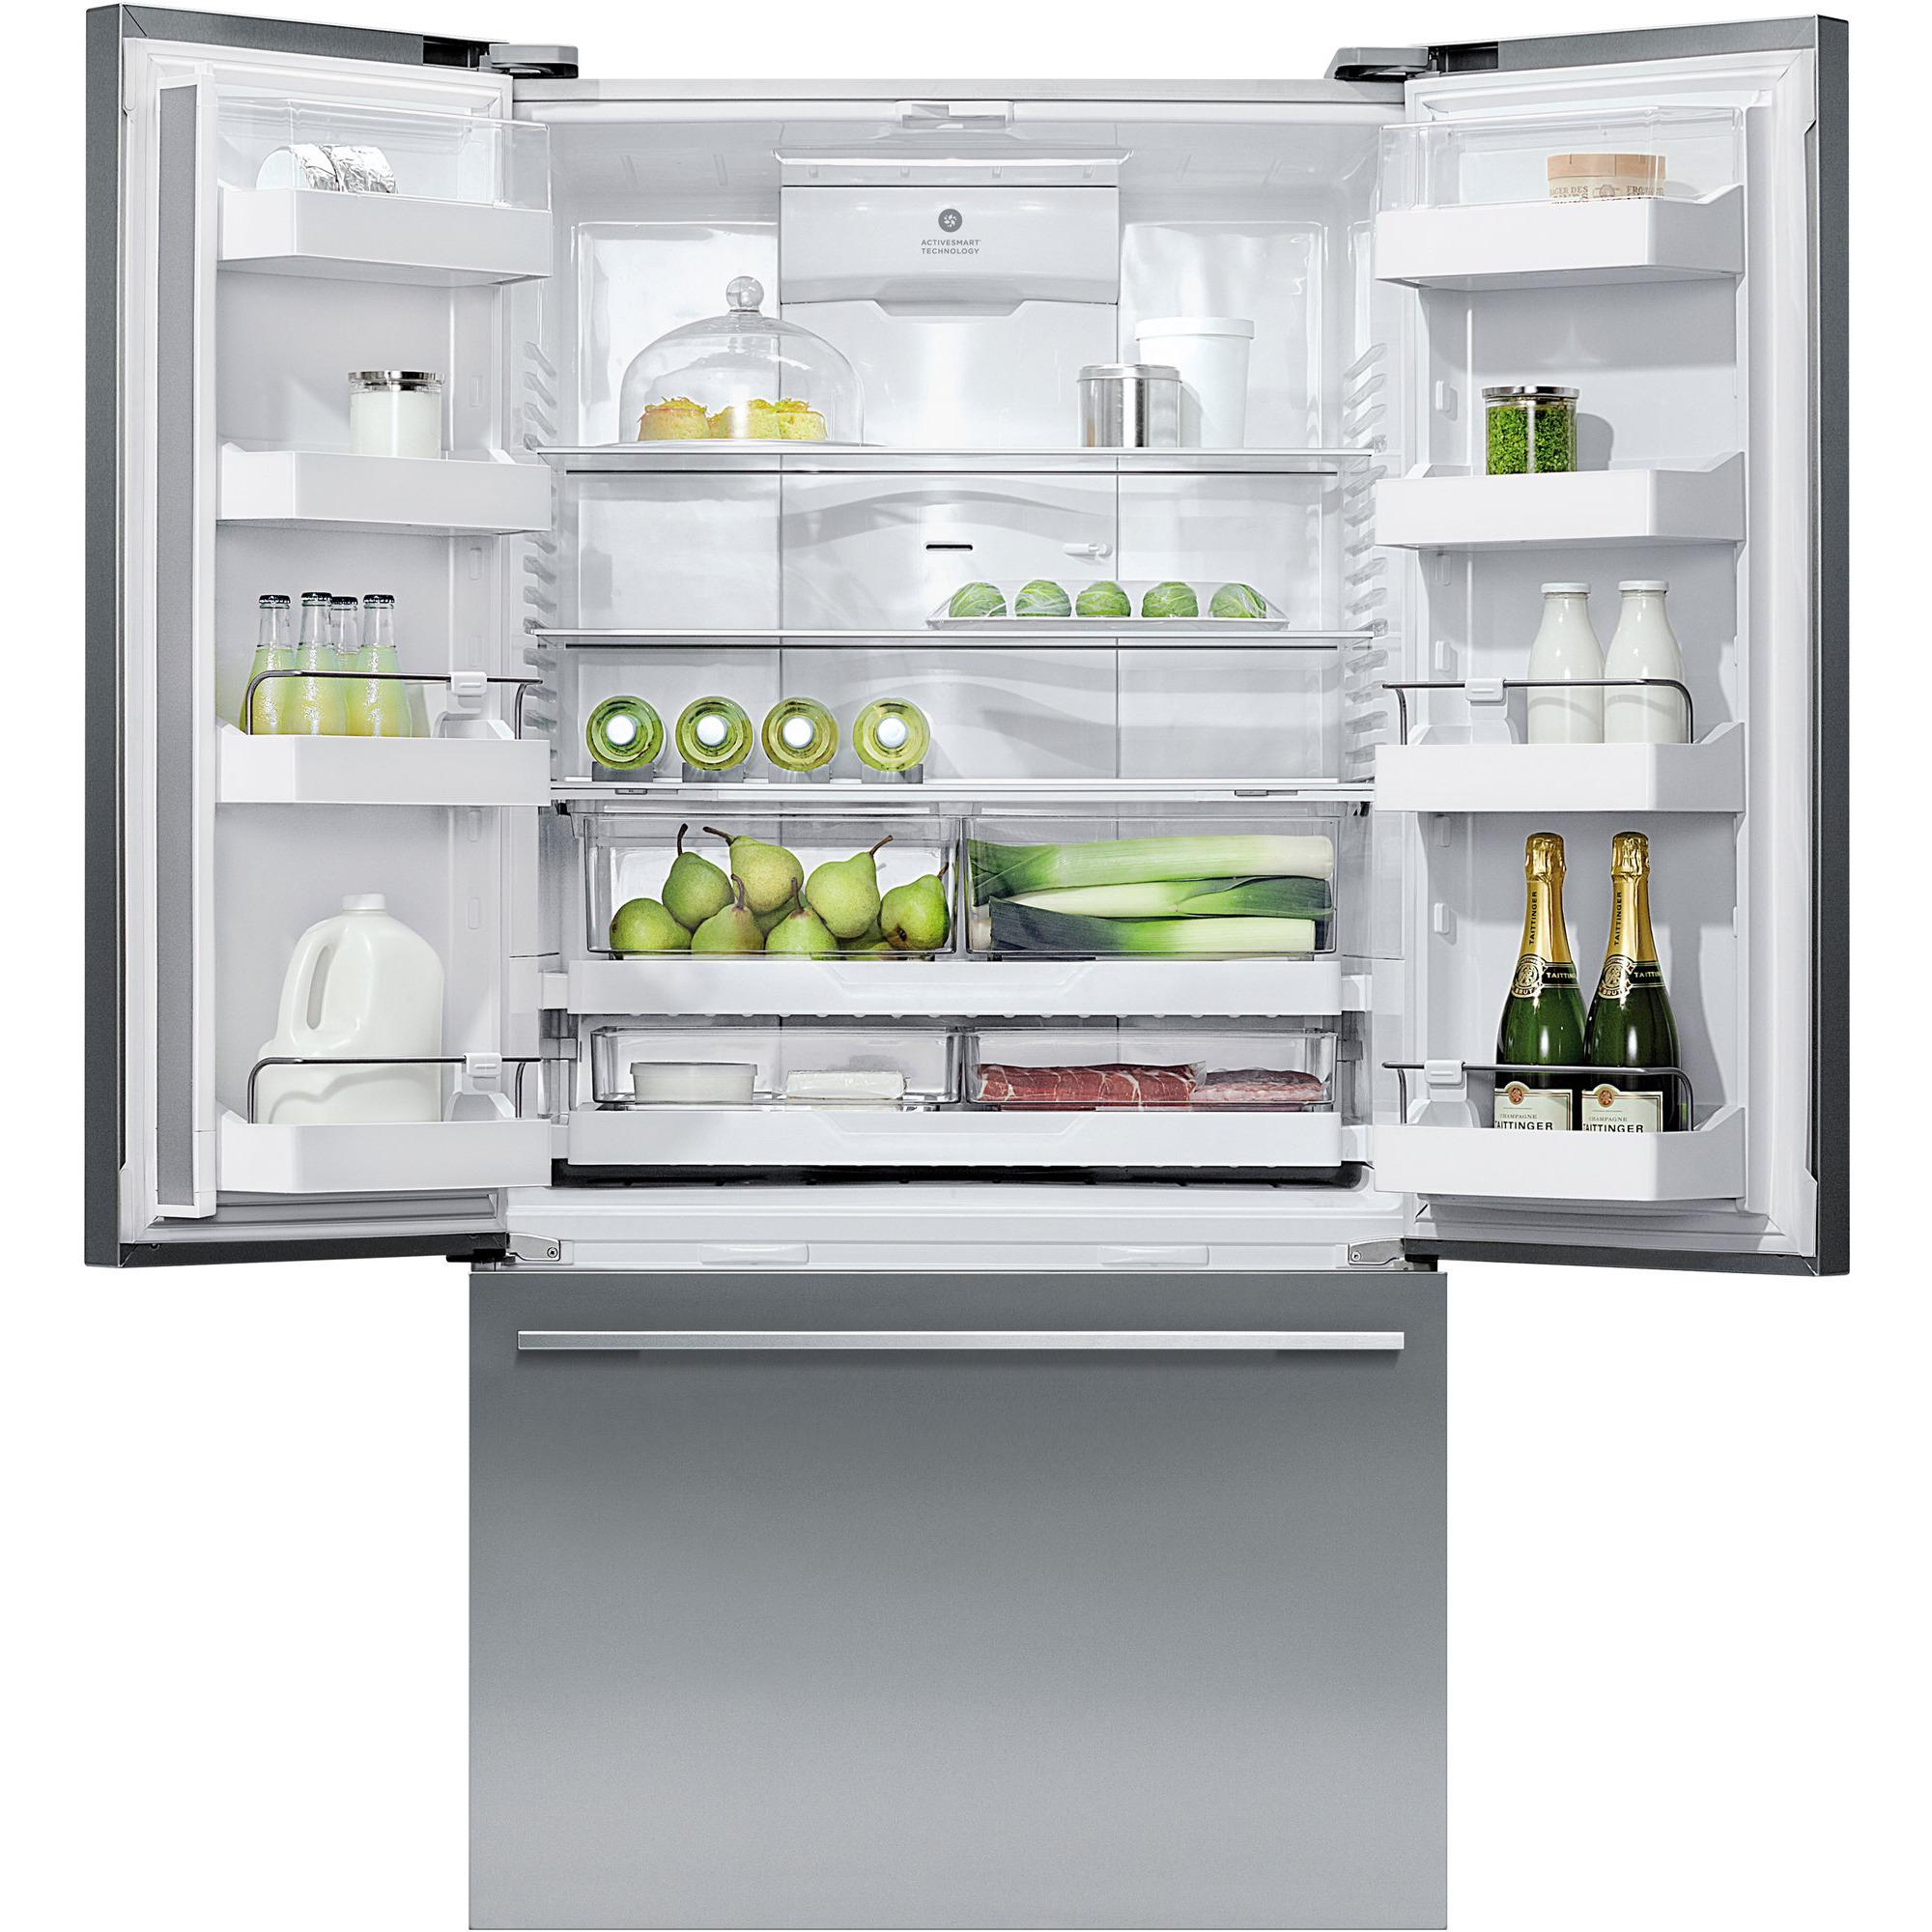 integreret køle fryseskab test